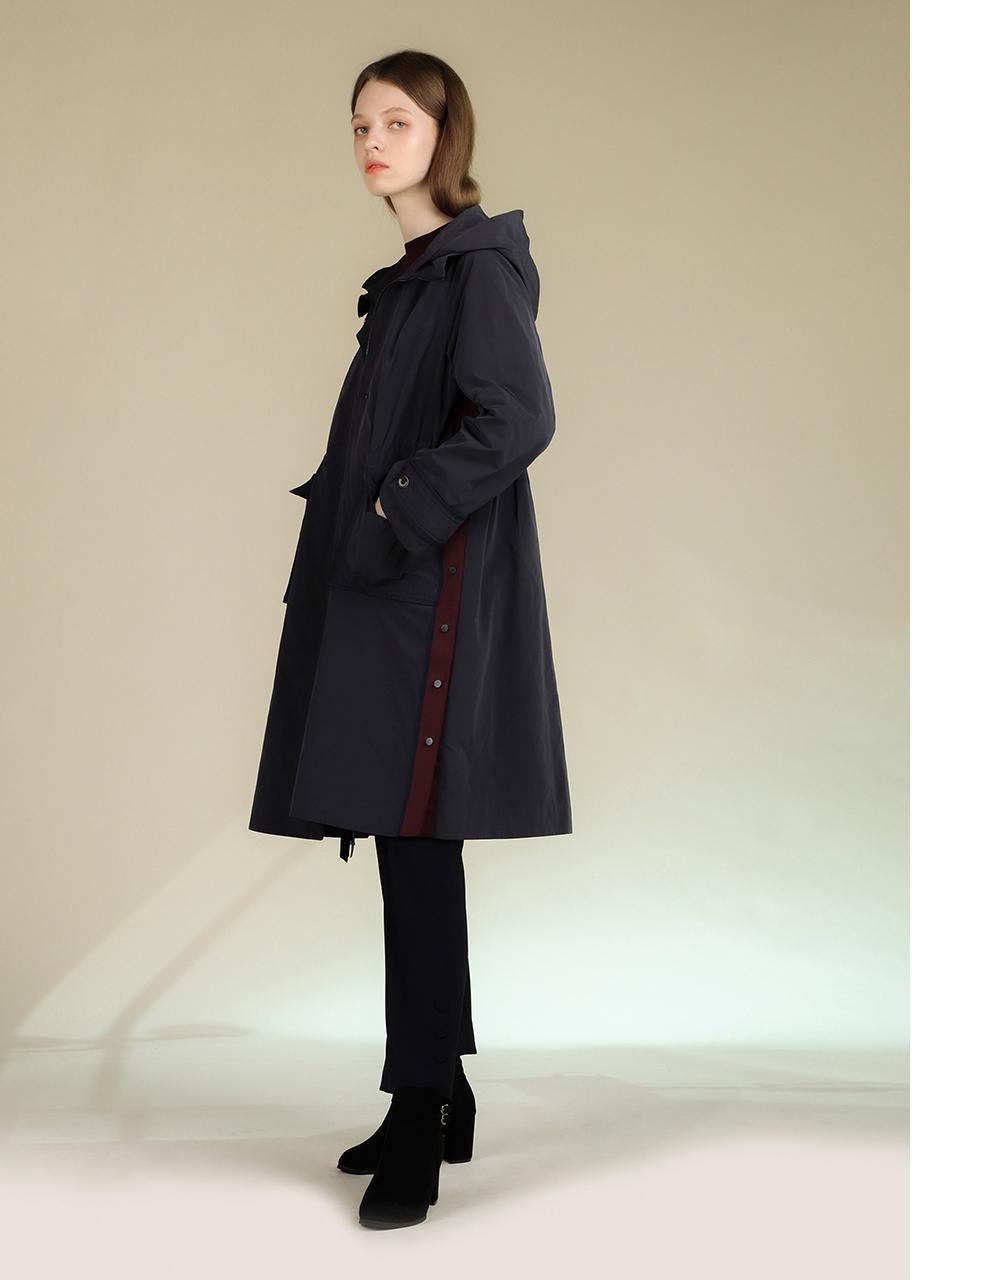 코트 모델 착용 이미지-S2L5